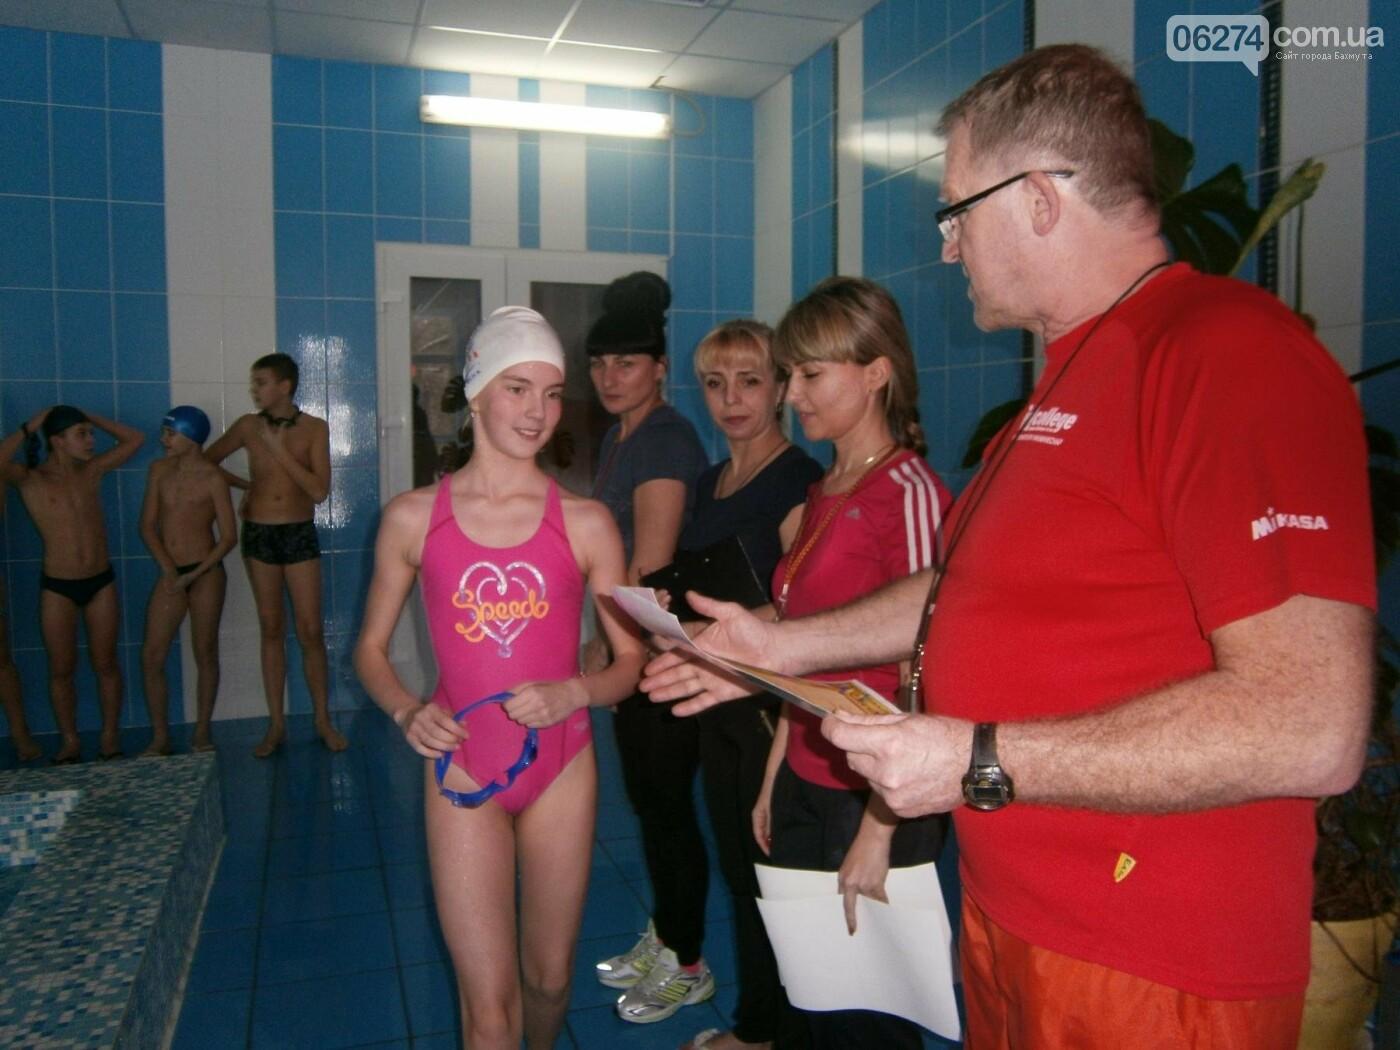 В Бахмуте прошел чемпионат по плаванью среди школьников, фото-3